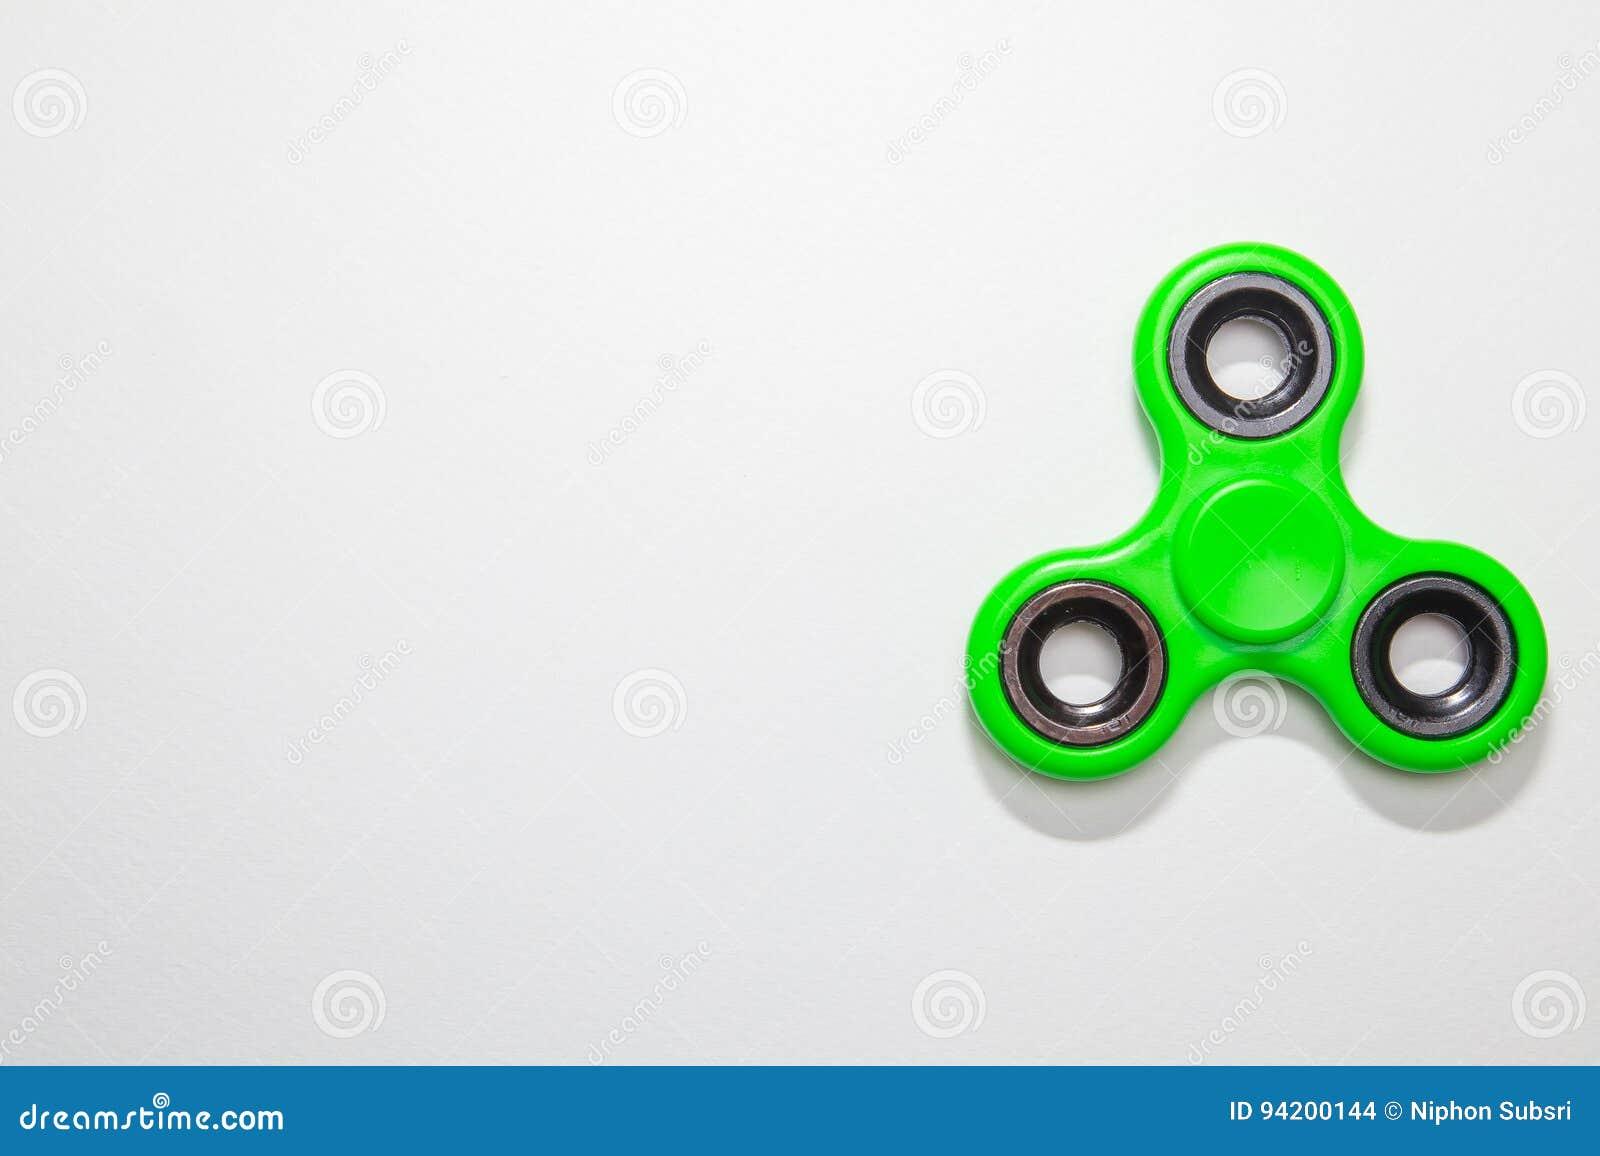 Green Fidget finger spinner toy image